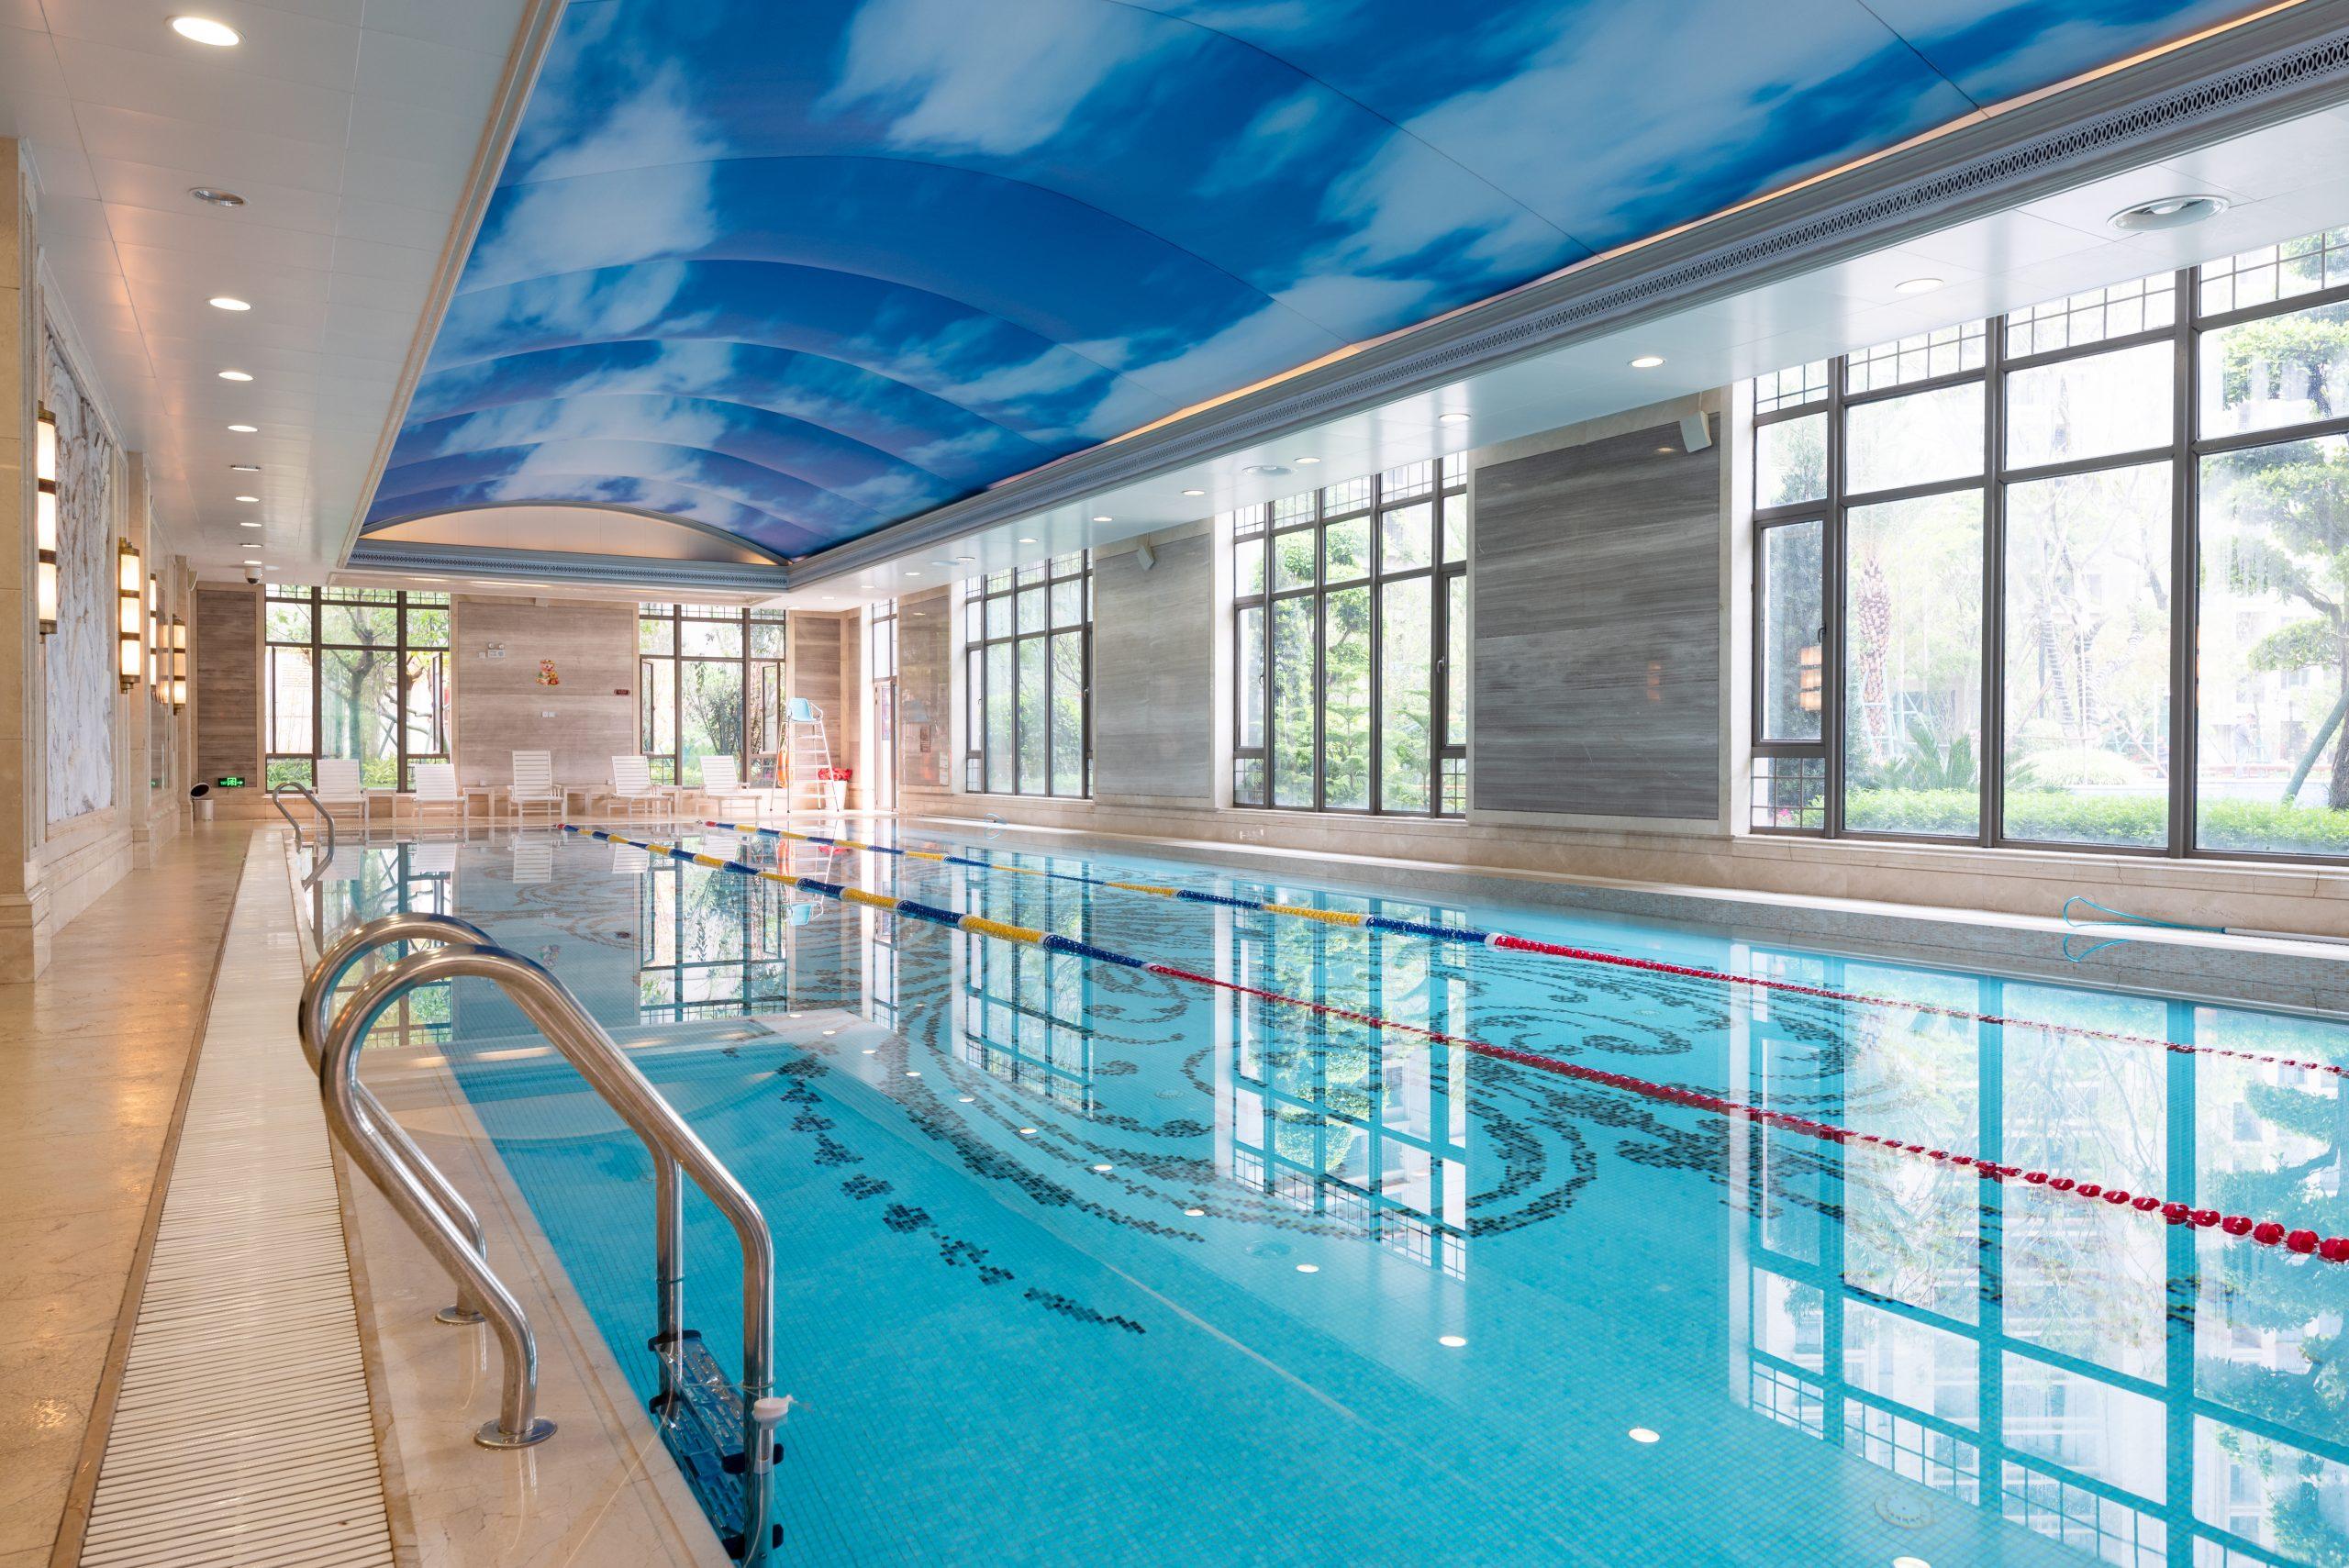 Báo giá thiết bị bể bơi 4 mùa tin cậy nhất